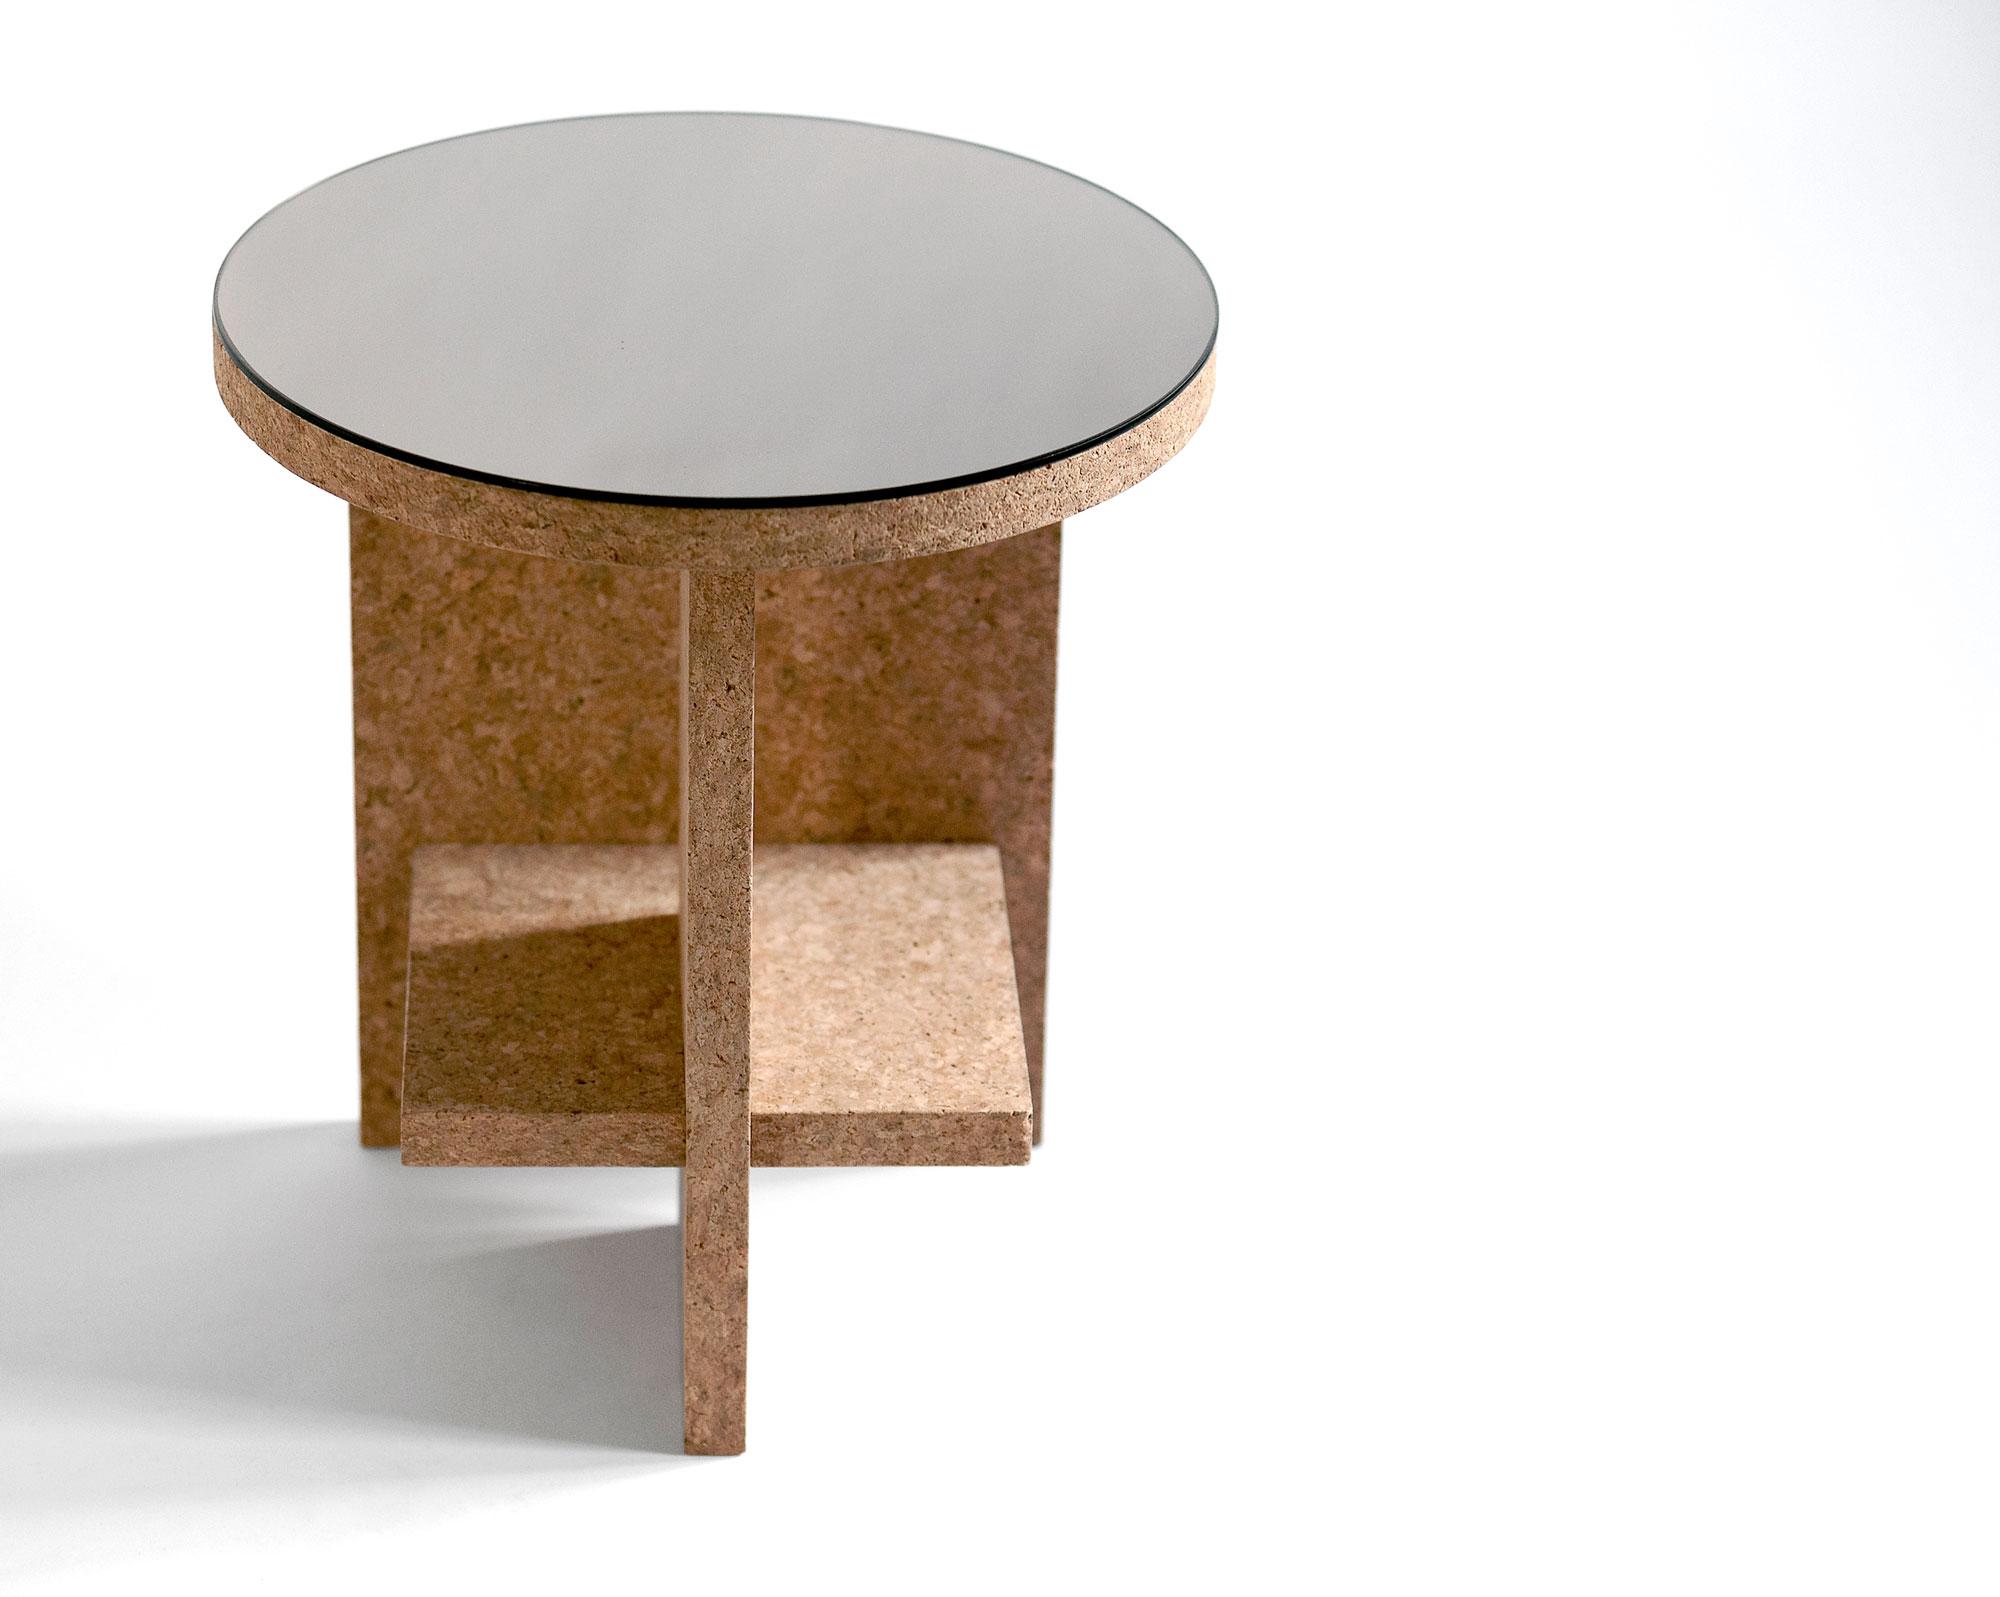 Cruz del Sur Side Table Light Cork With Mirror